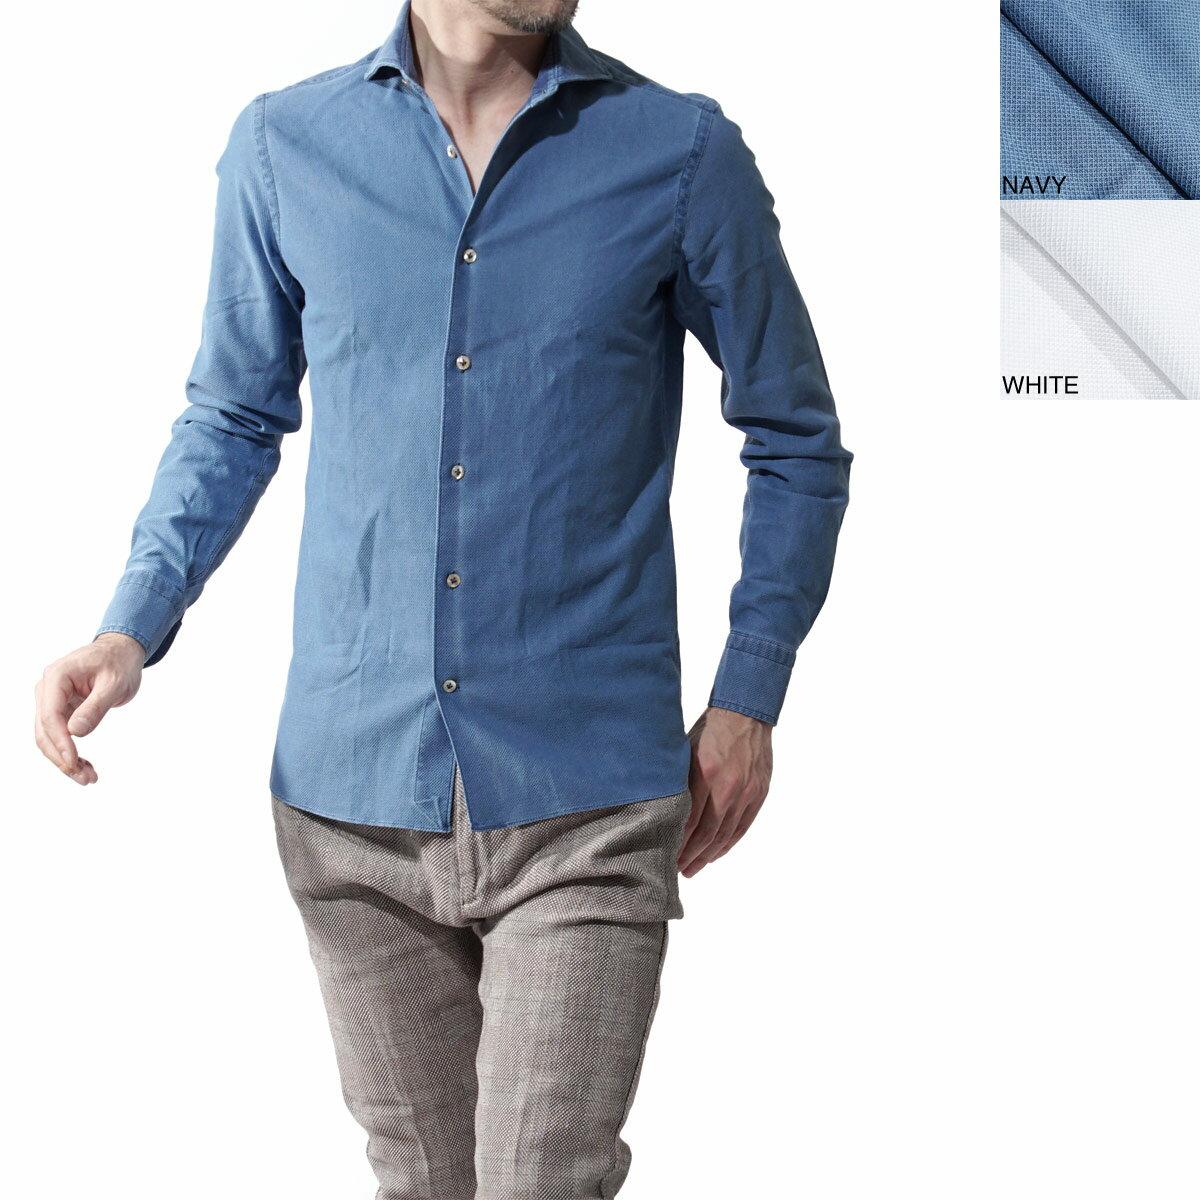 ボリエッロ BORRIELLO ワイドカラーシャツ s10 4061 メンズ【ラッピング無料】【返品送料無料】【170331】【あす楽対応_関東】